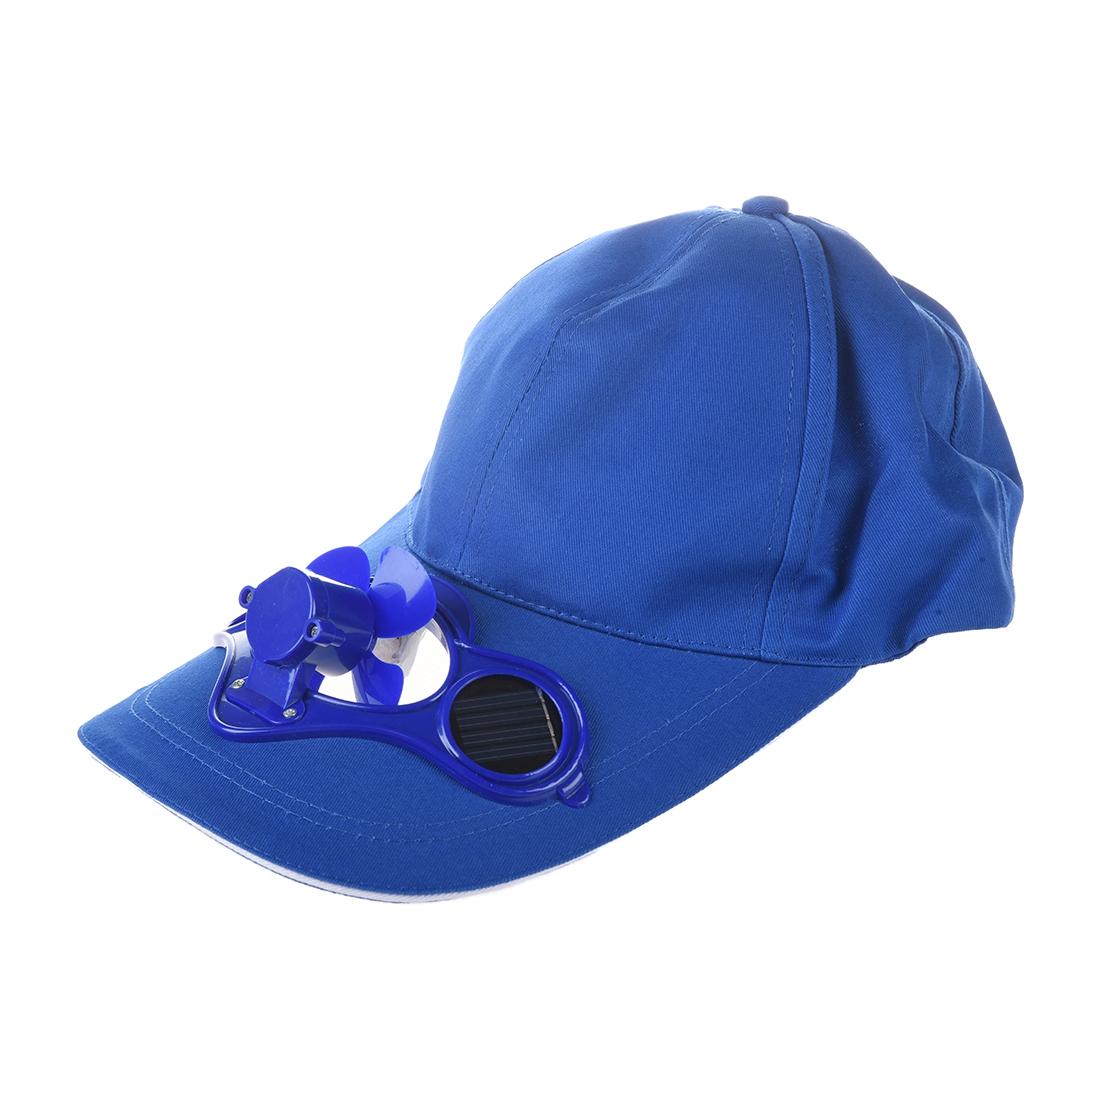 5x solar sun power hat cap cooling cool fan blue w2n9 ebay